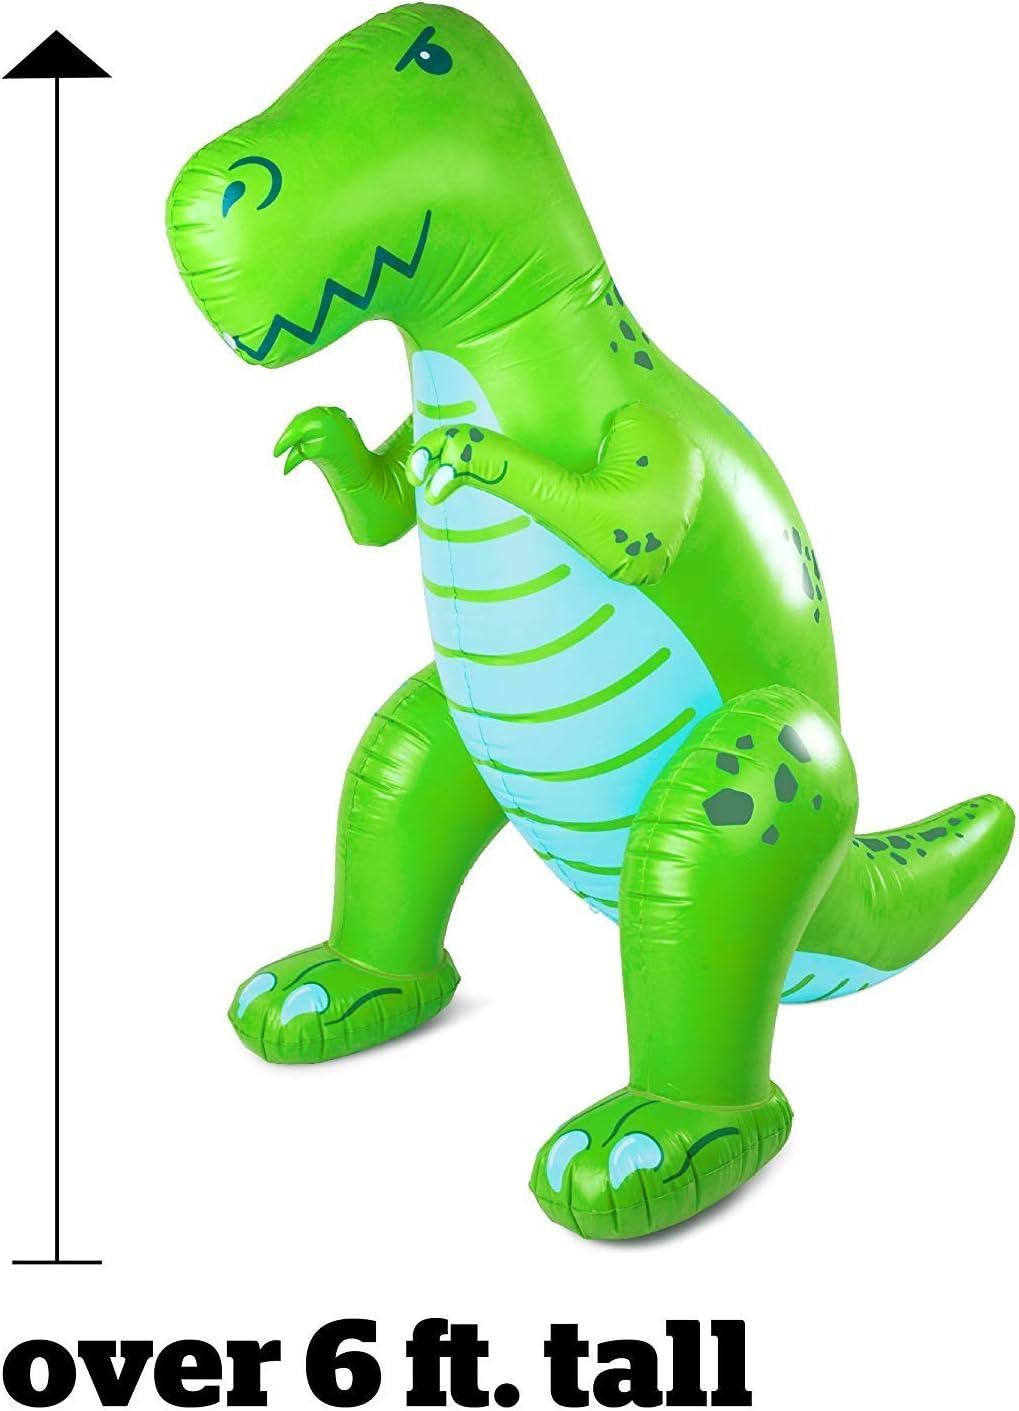 Dino Wassersprenger 2m hoch aufblasbar grün T-Rex Saurier Dinosprenger mit